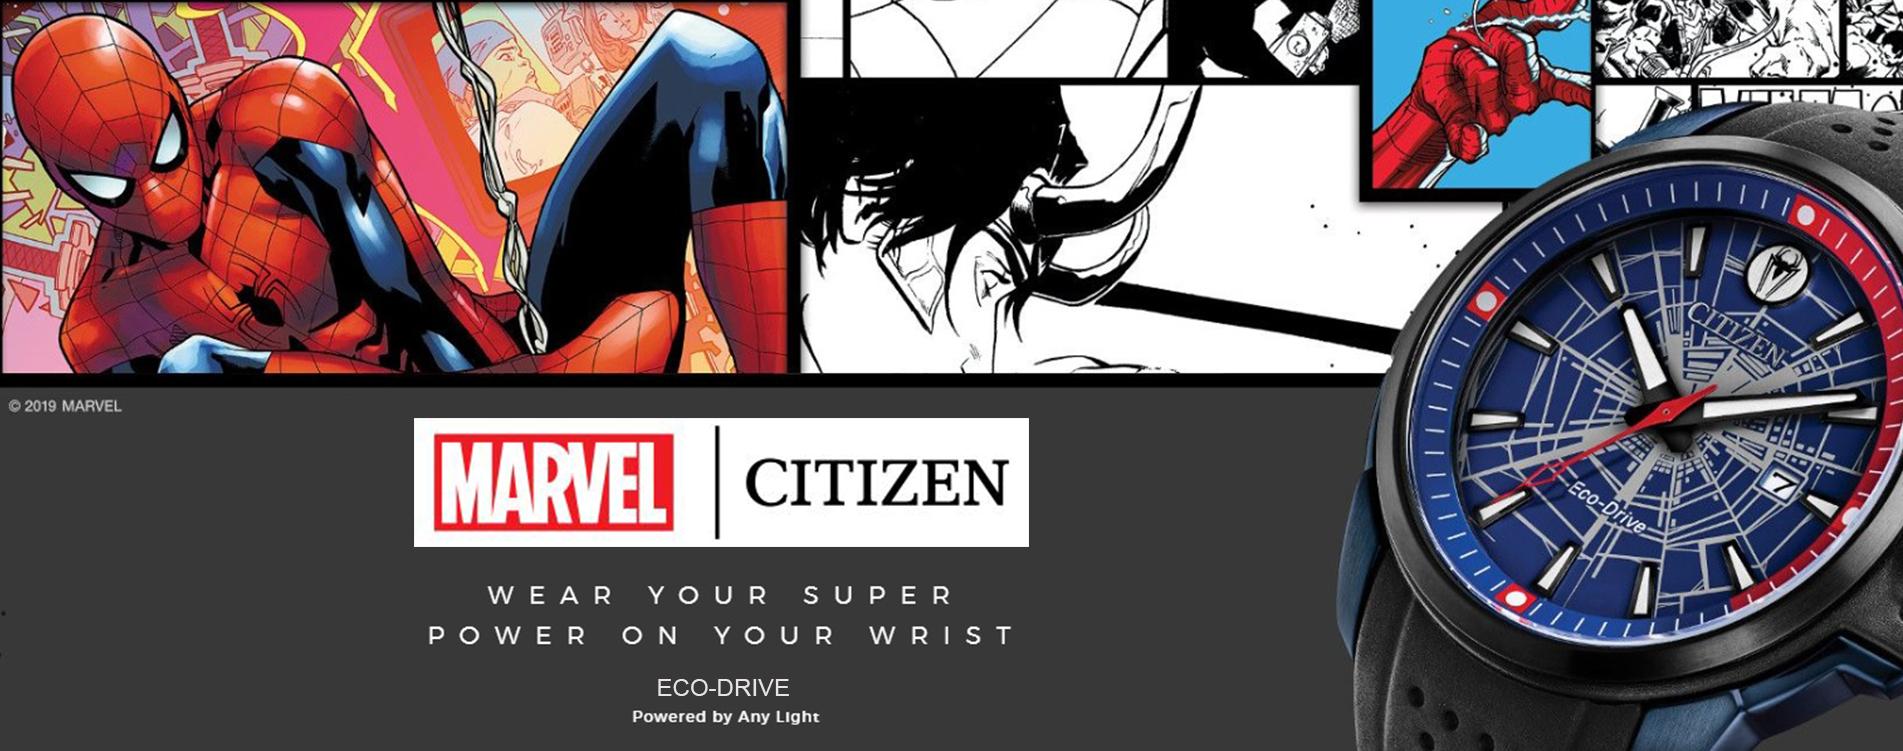 Marvel Citizen